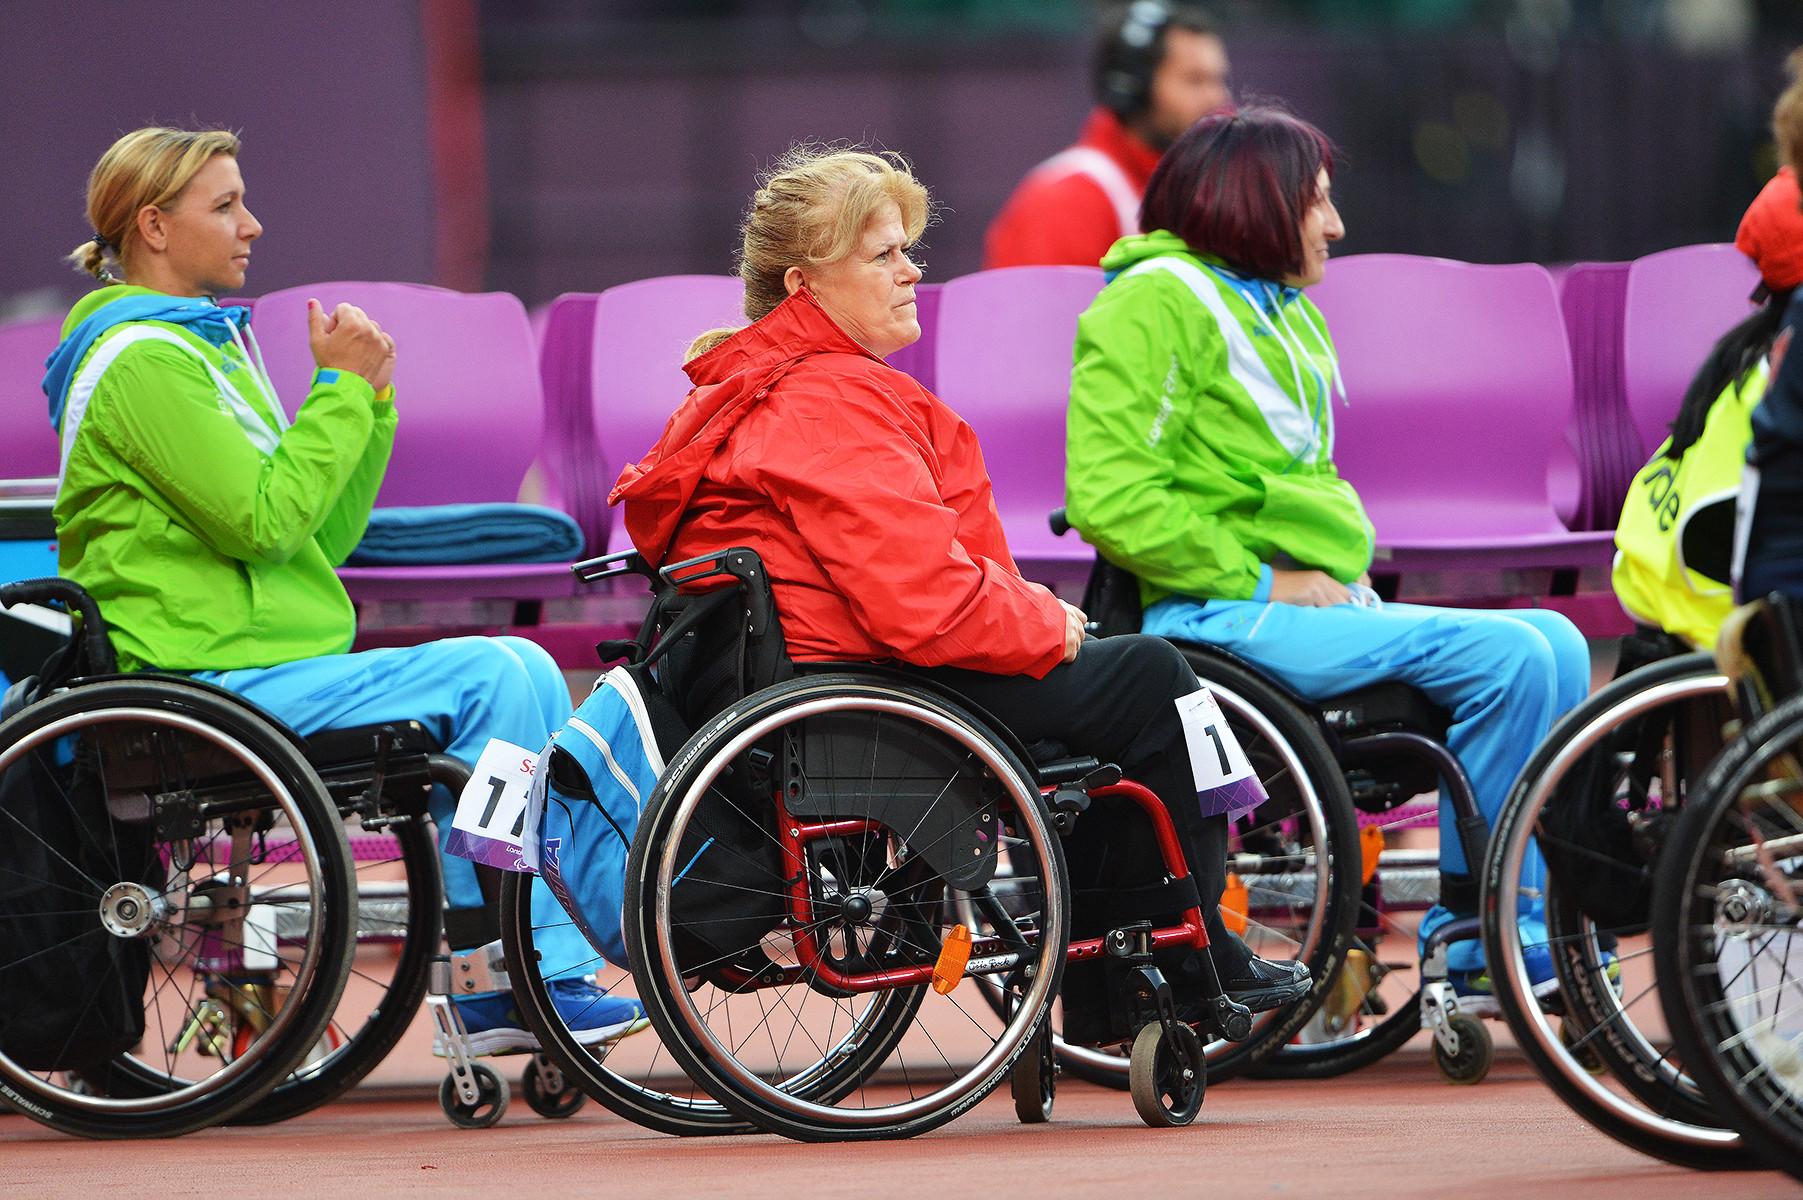 Sportski savez osoba s invaliditetom grada Rijeke